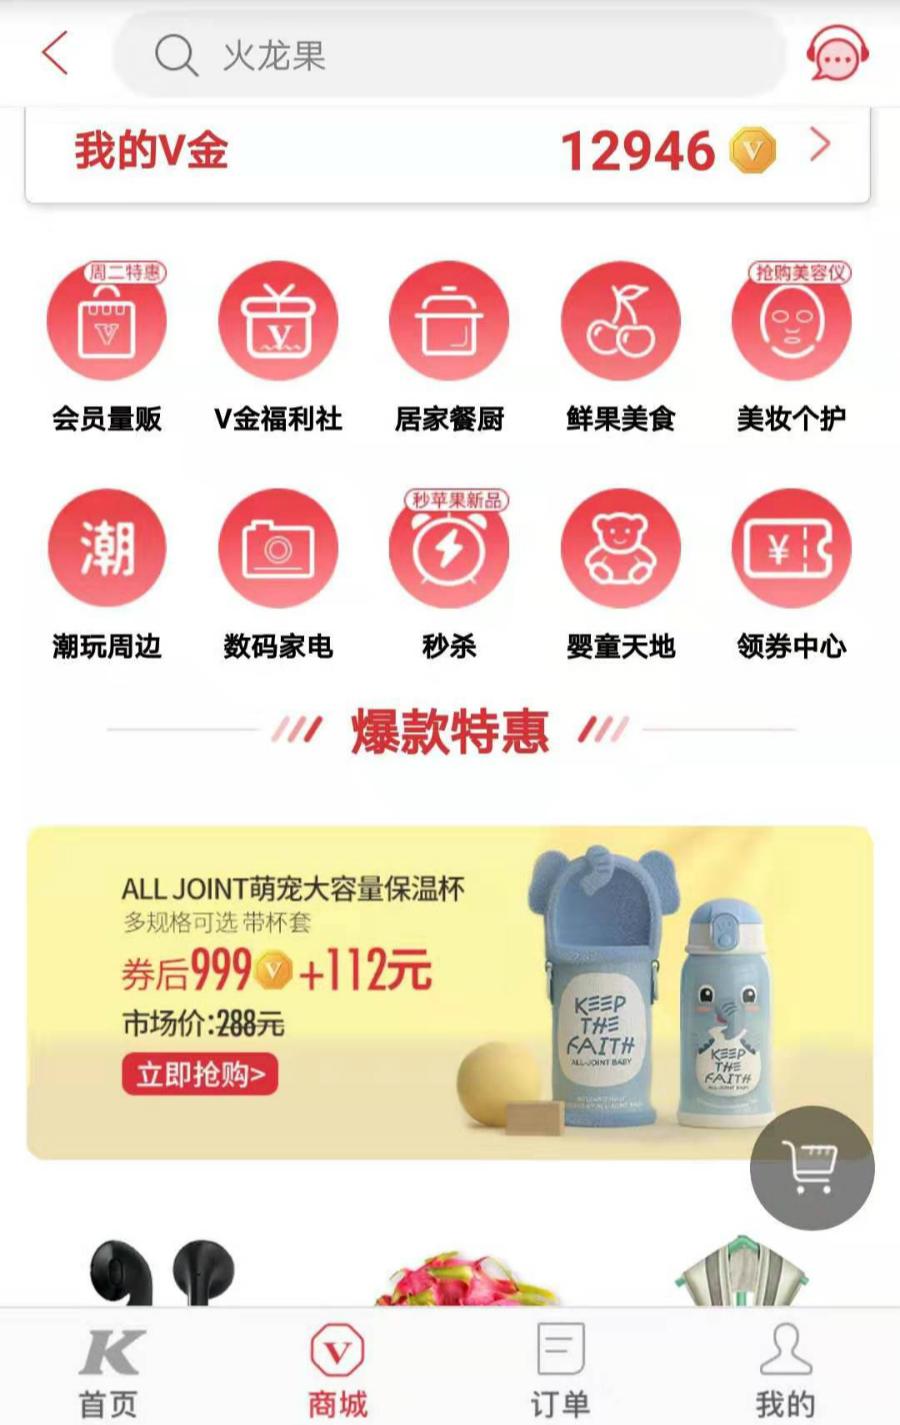 卖生鲜和彩妆,百胜中国发力会员电商业务